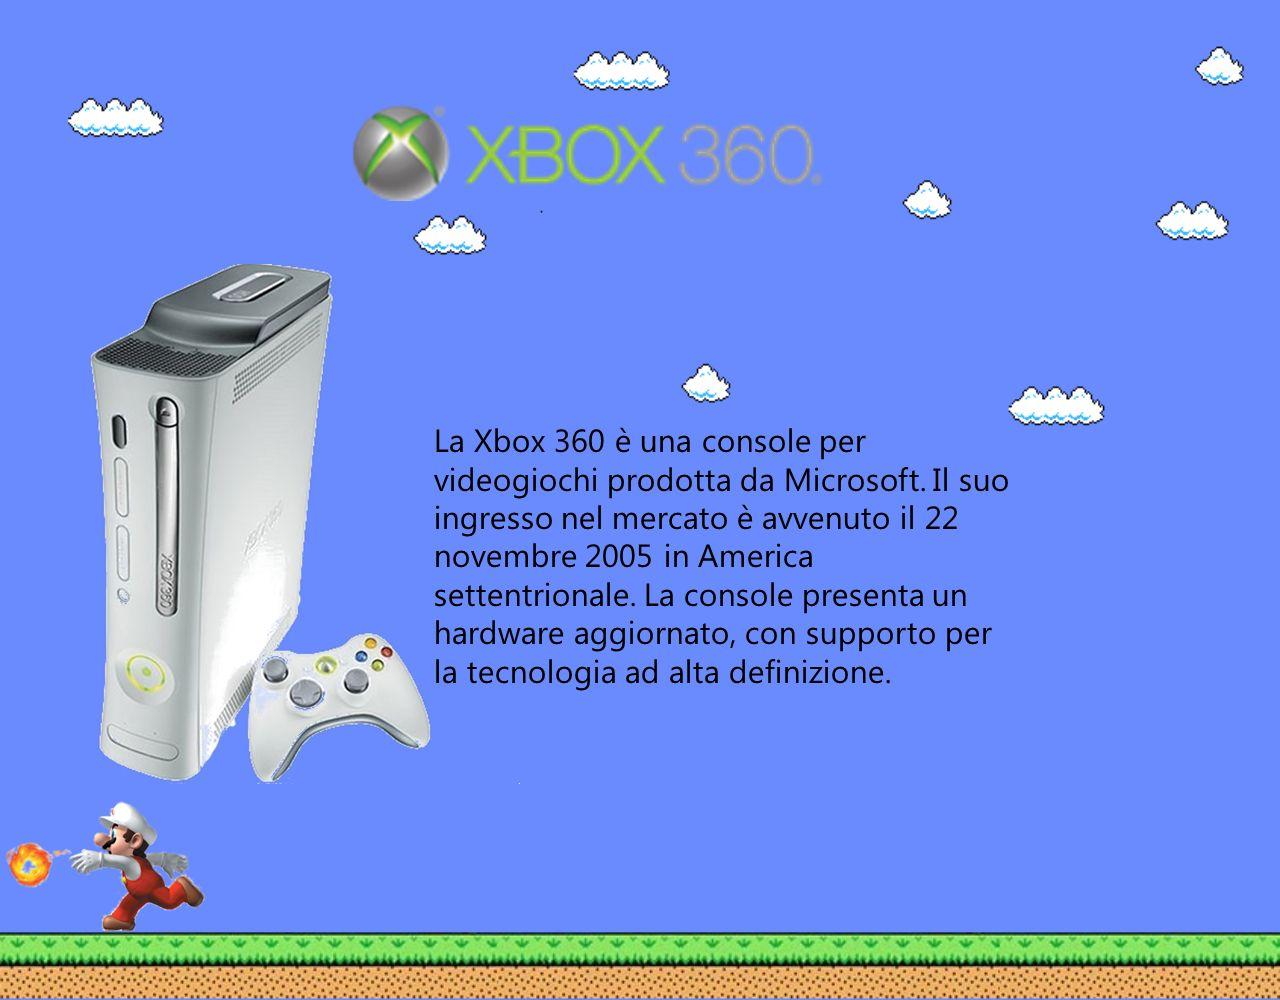 La Xbox 360 è una console per videogiochi prodotta da Microsoft